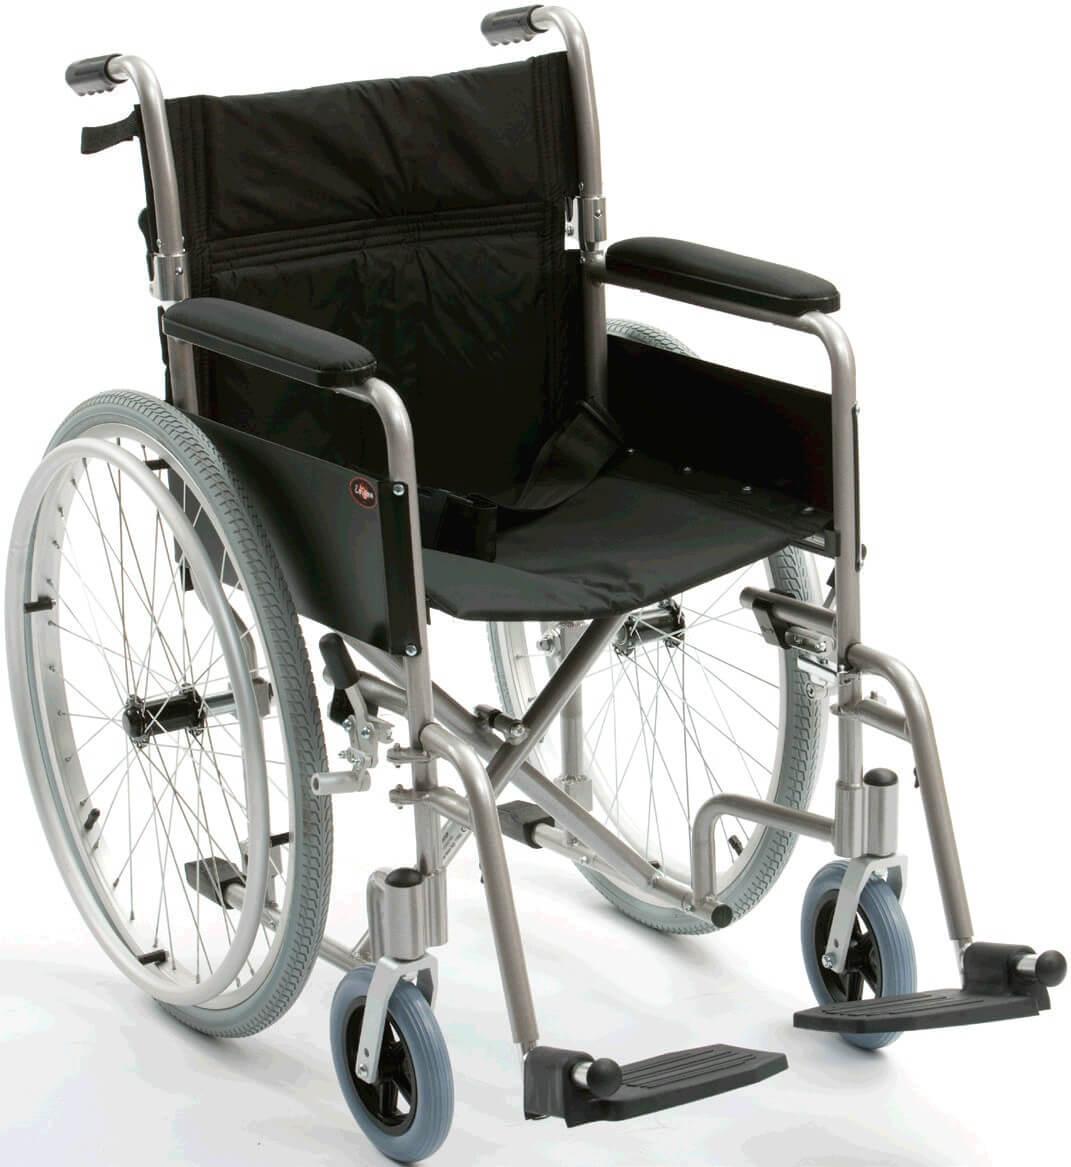 Silla de ruedas autopropulsable de aluminio for Sillas de aluminio